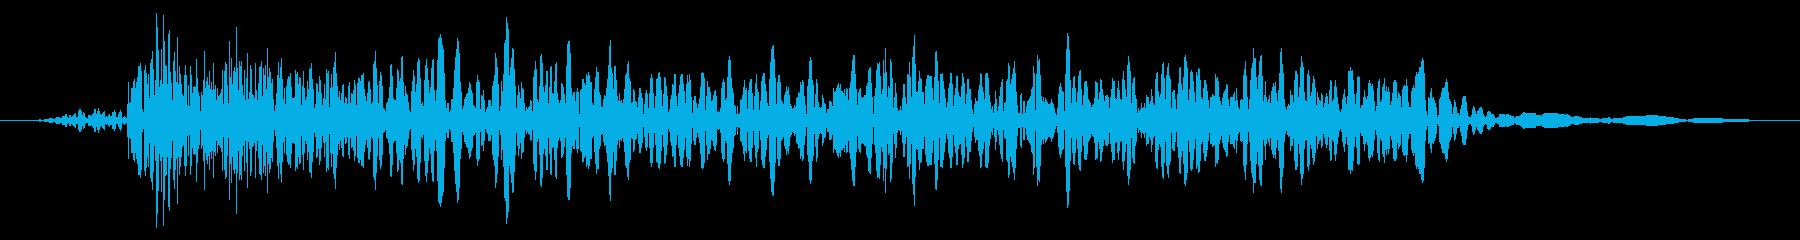 カエル モンスター ゲーム 攻撃 中の再生済みの波形